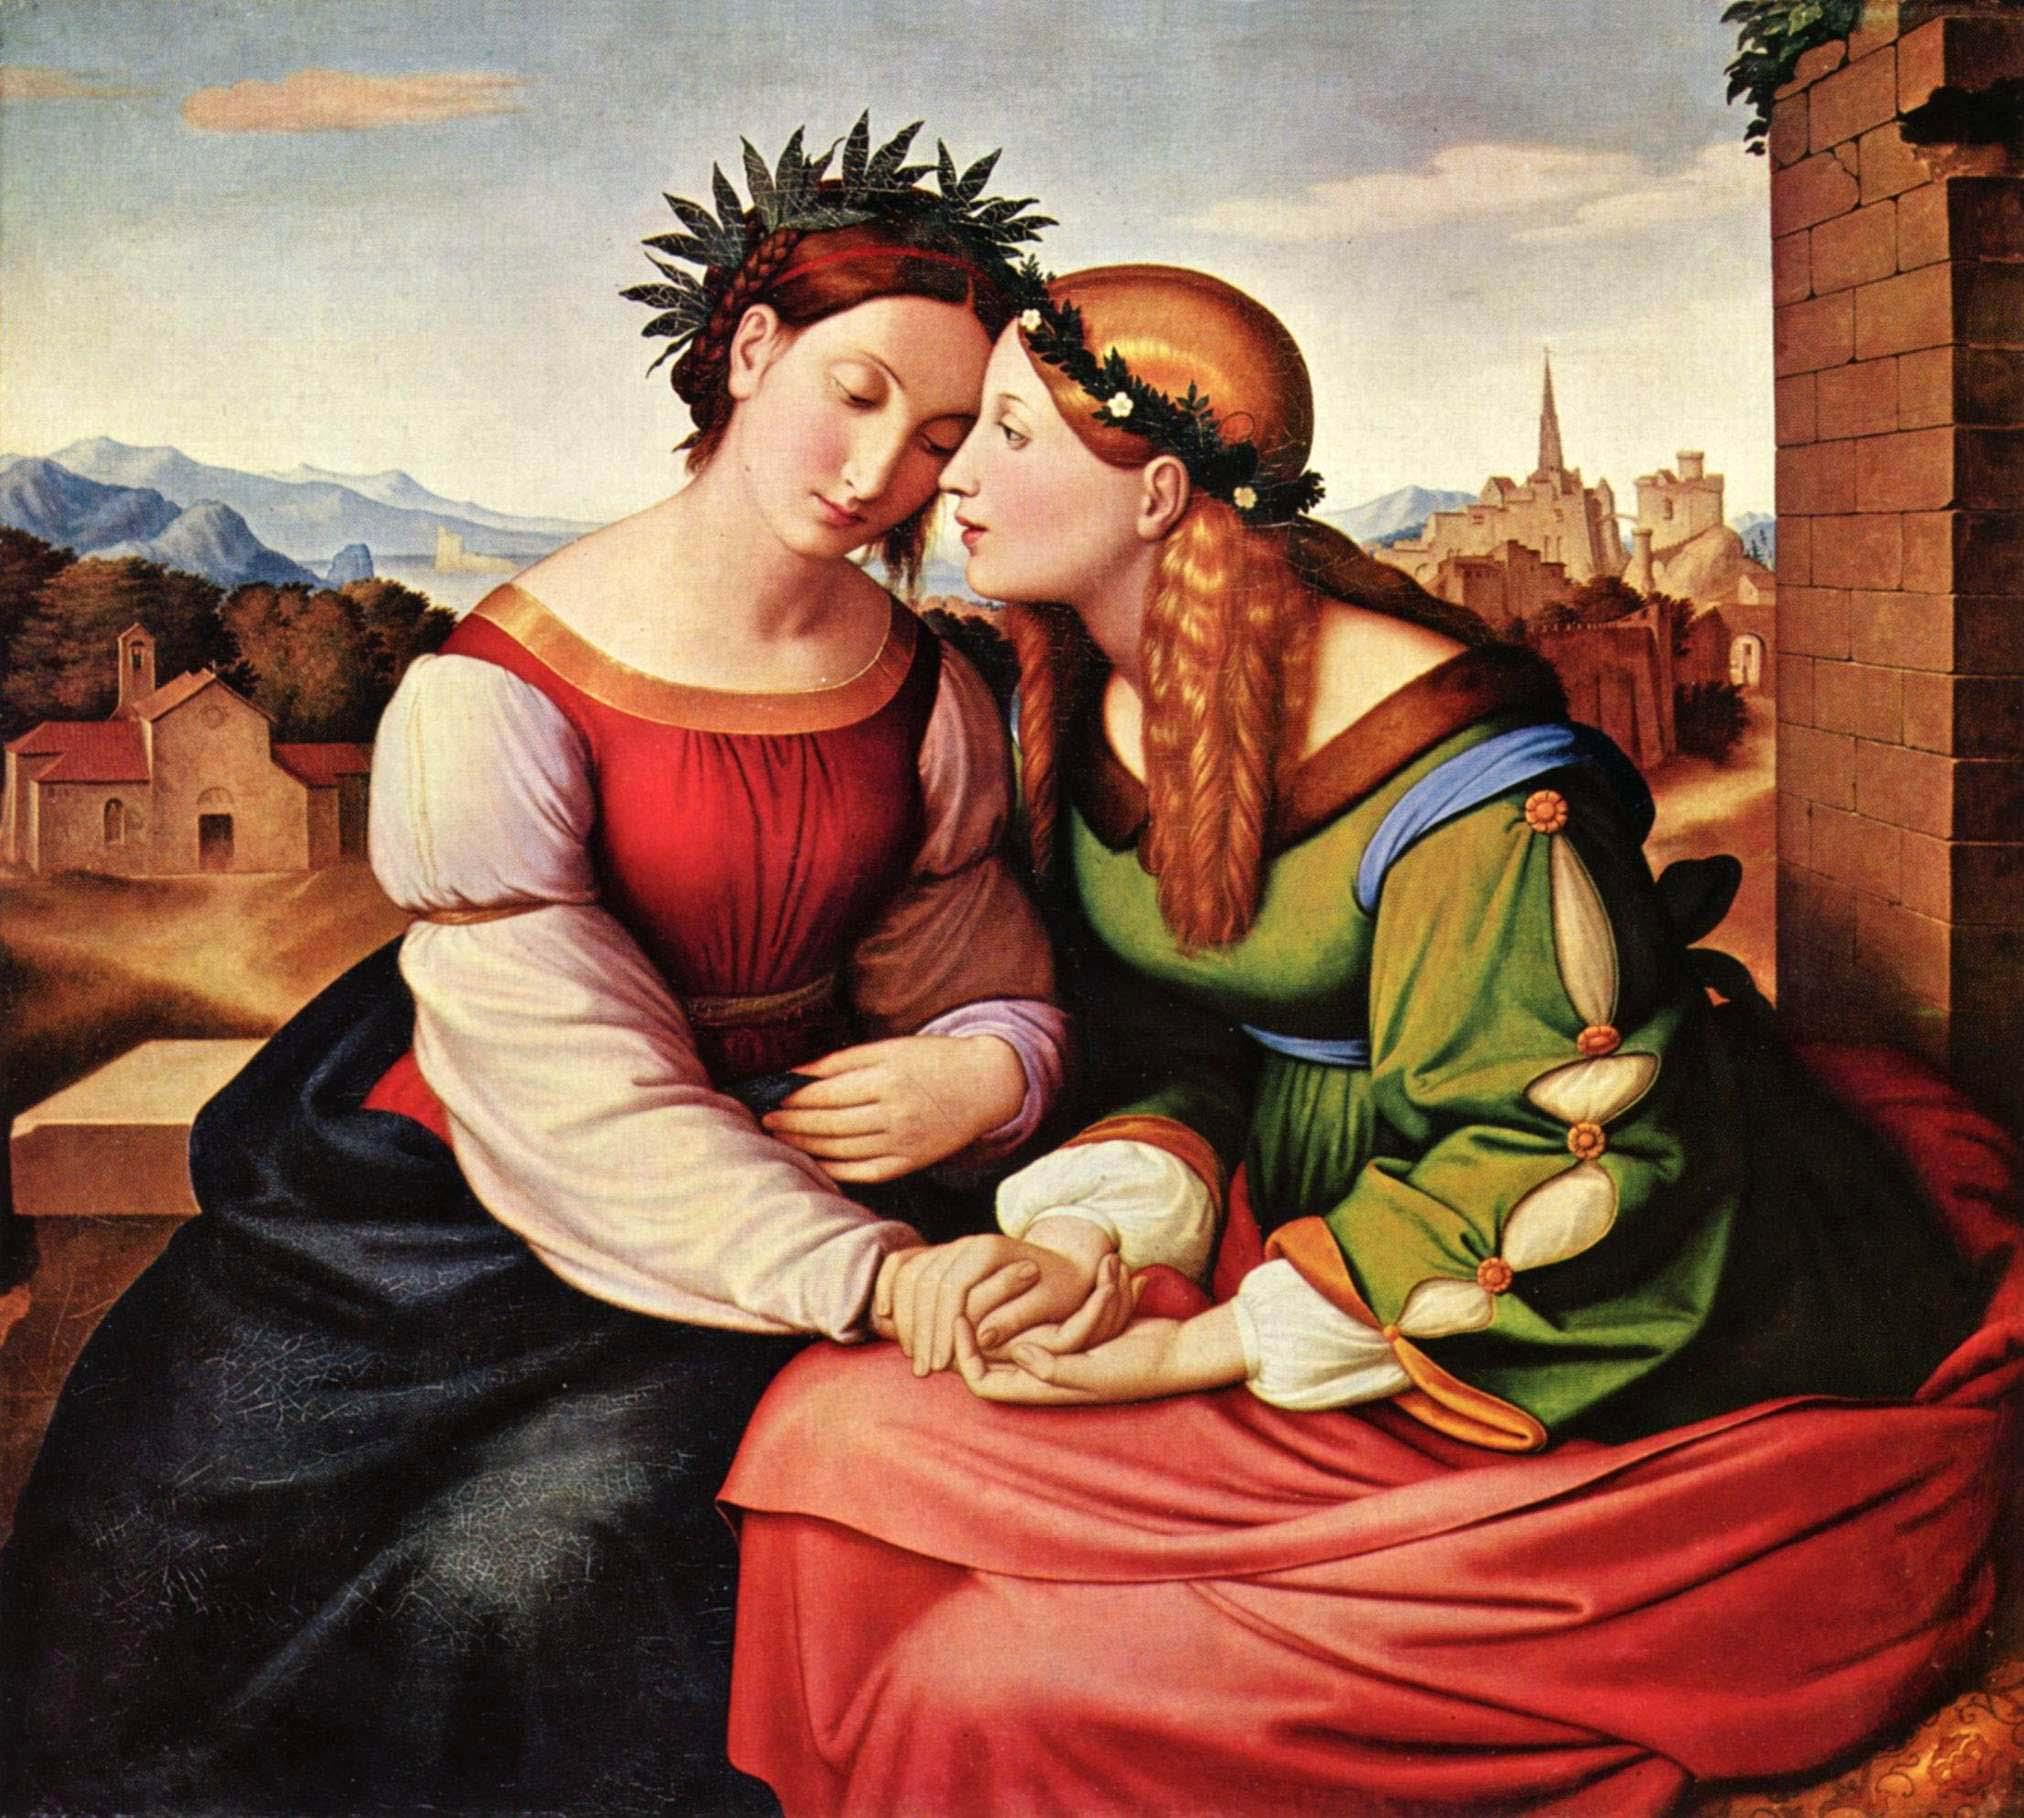 Friedrich Overbeck: Italia und Germania, 1828. Öl auf Leinwand, 94,4 cm × 104,7 cm, Neue Pinakothek München